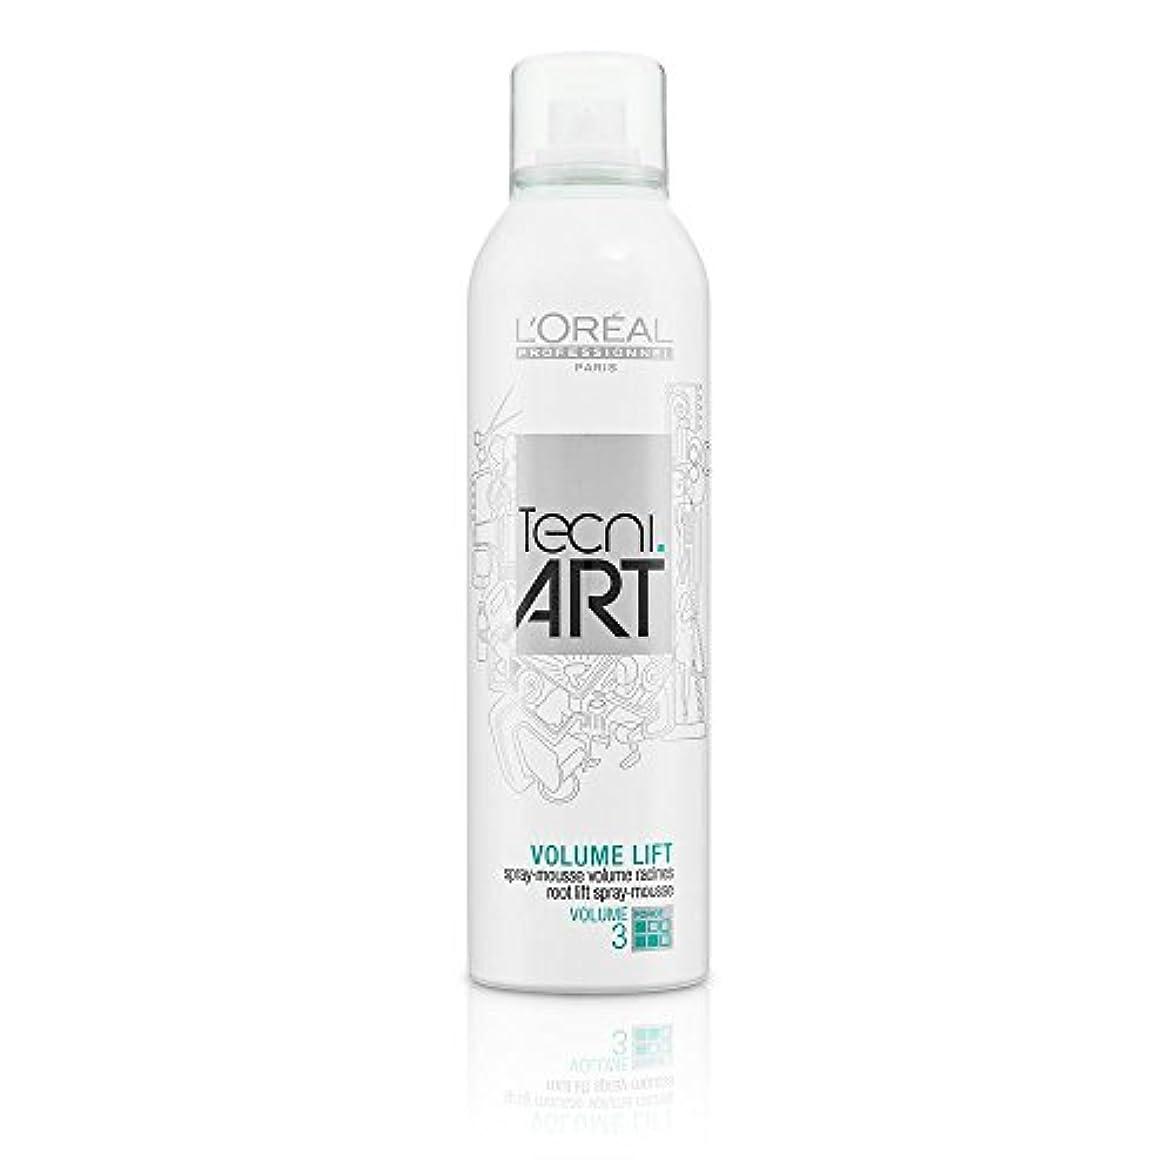 困難親密な先例L'Oreal Tecni Art Volume Lift - Root Lift Spray - Mousse 250 ml [並行輸入品]